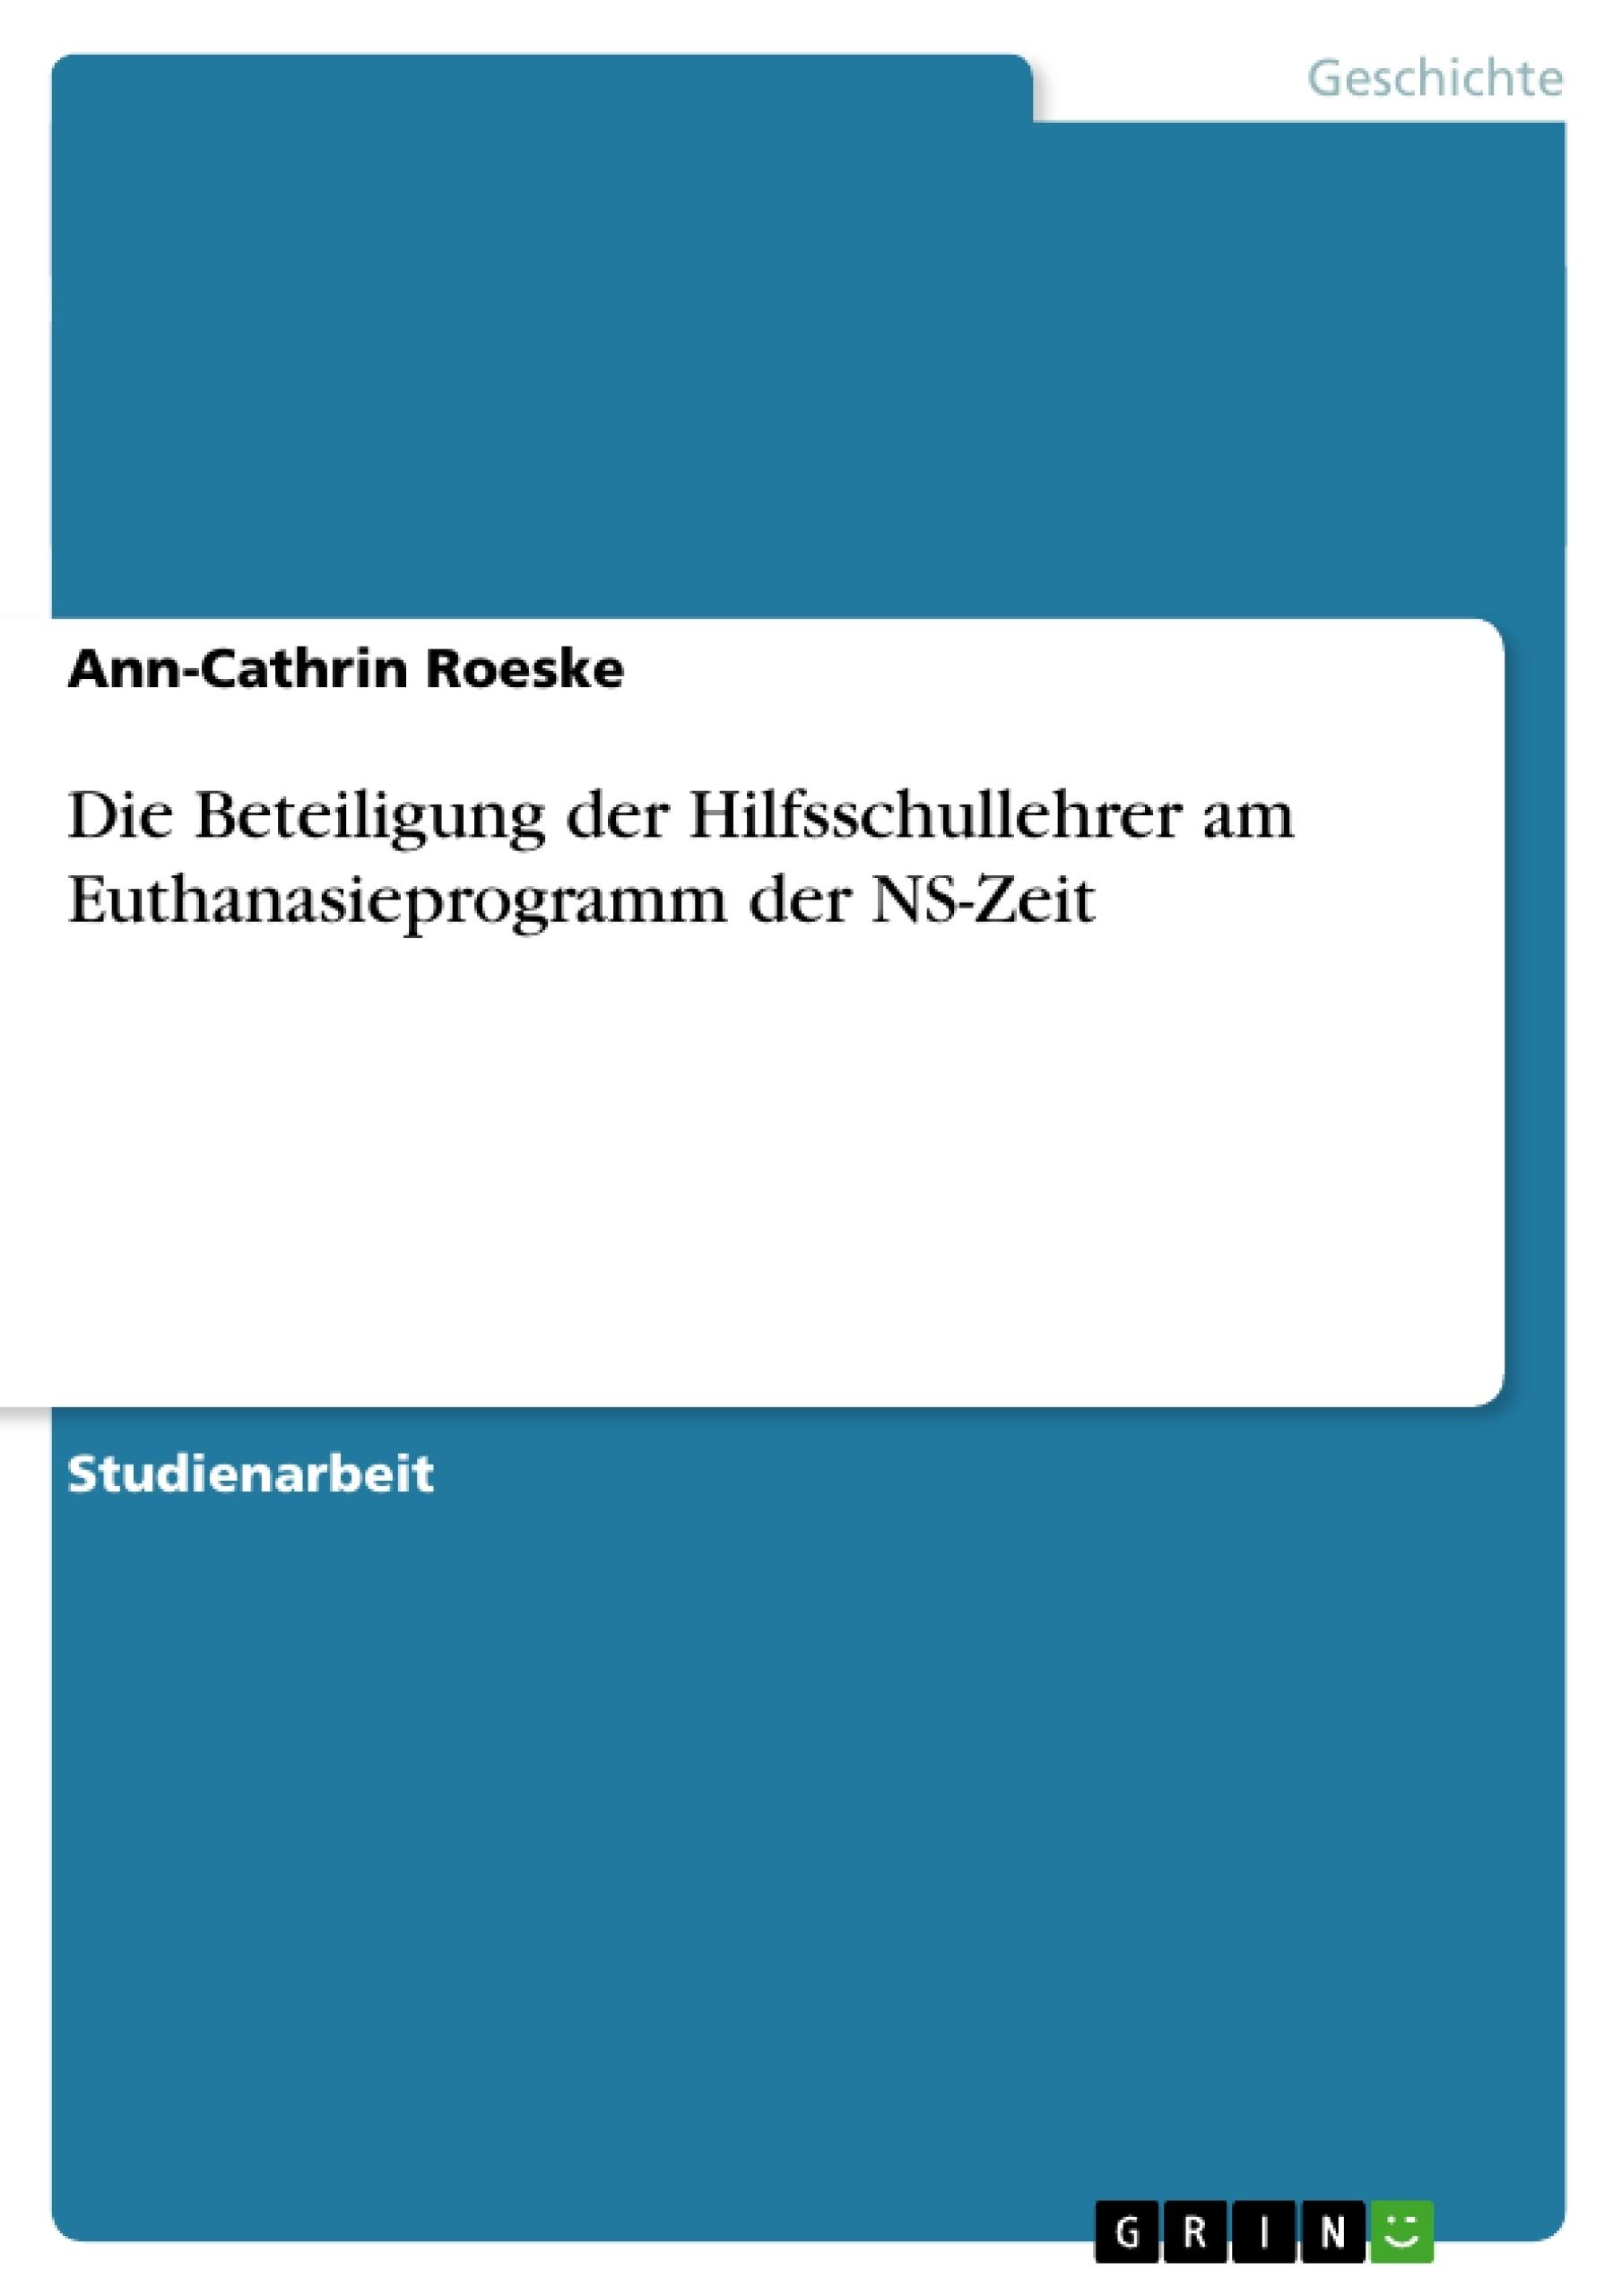 Titel: Die Beteiligung der Hilfsschullehrer am Euthanasieprogramm der NS-Zeit